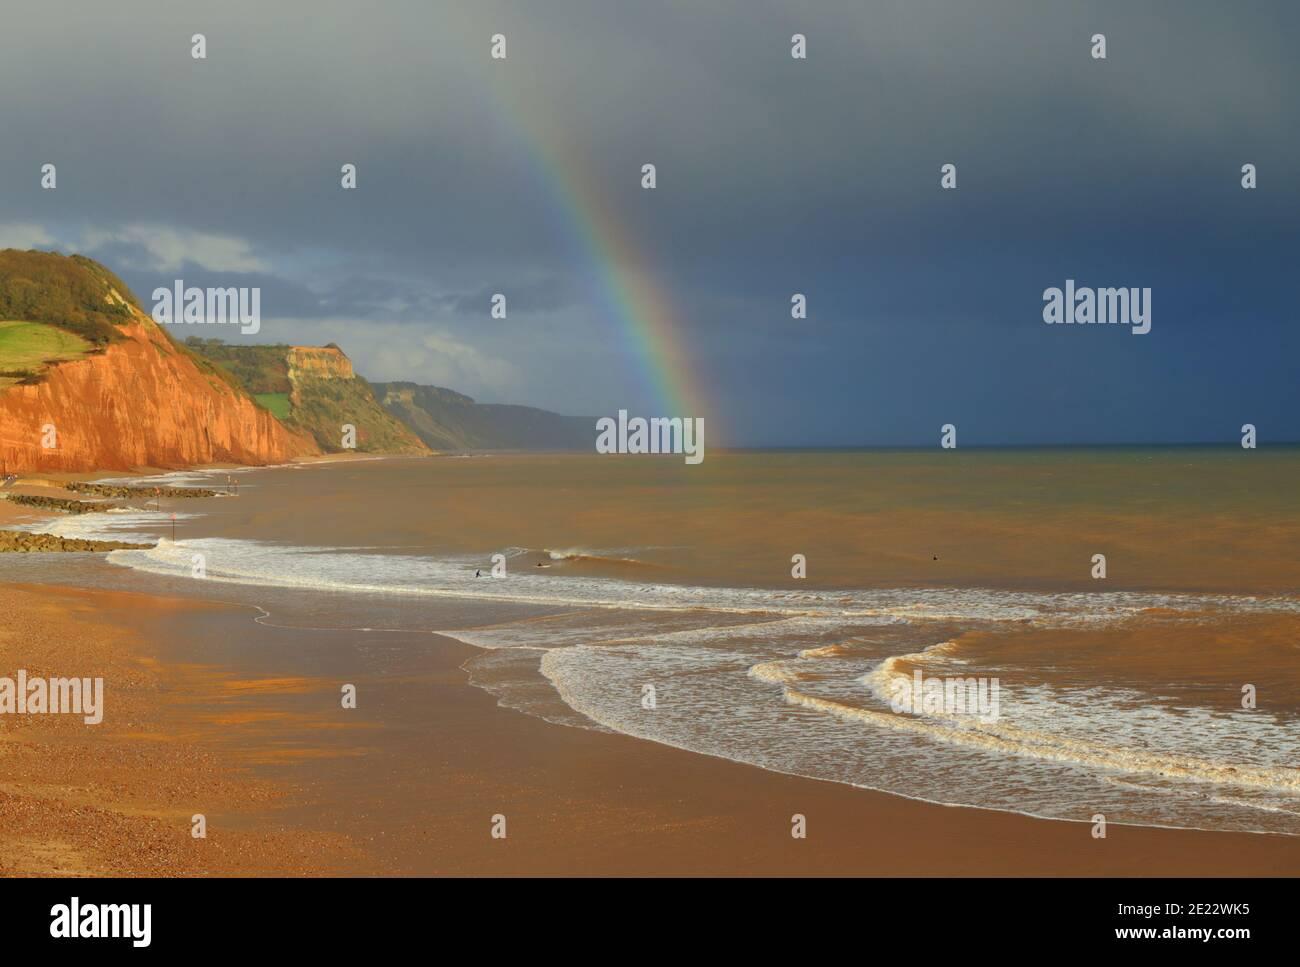 Arc-en-ciel au-dessus de la plage de sable à Sidmouth, Devon sur la côte jurassique Banque D'Images